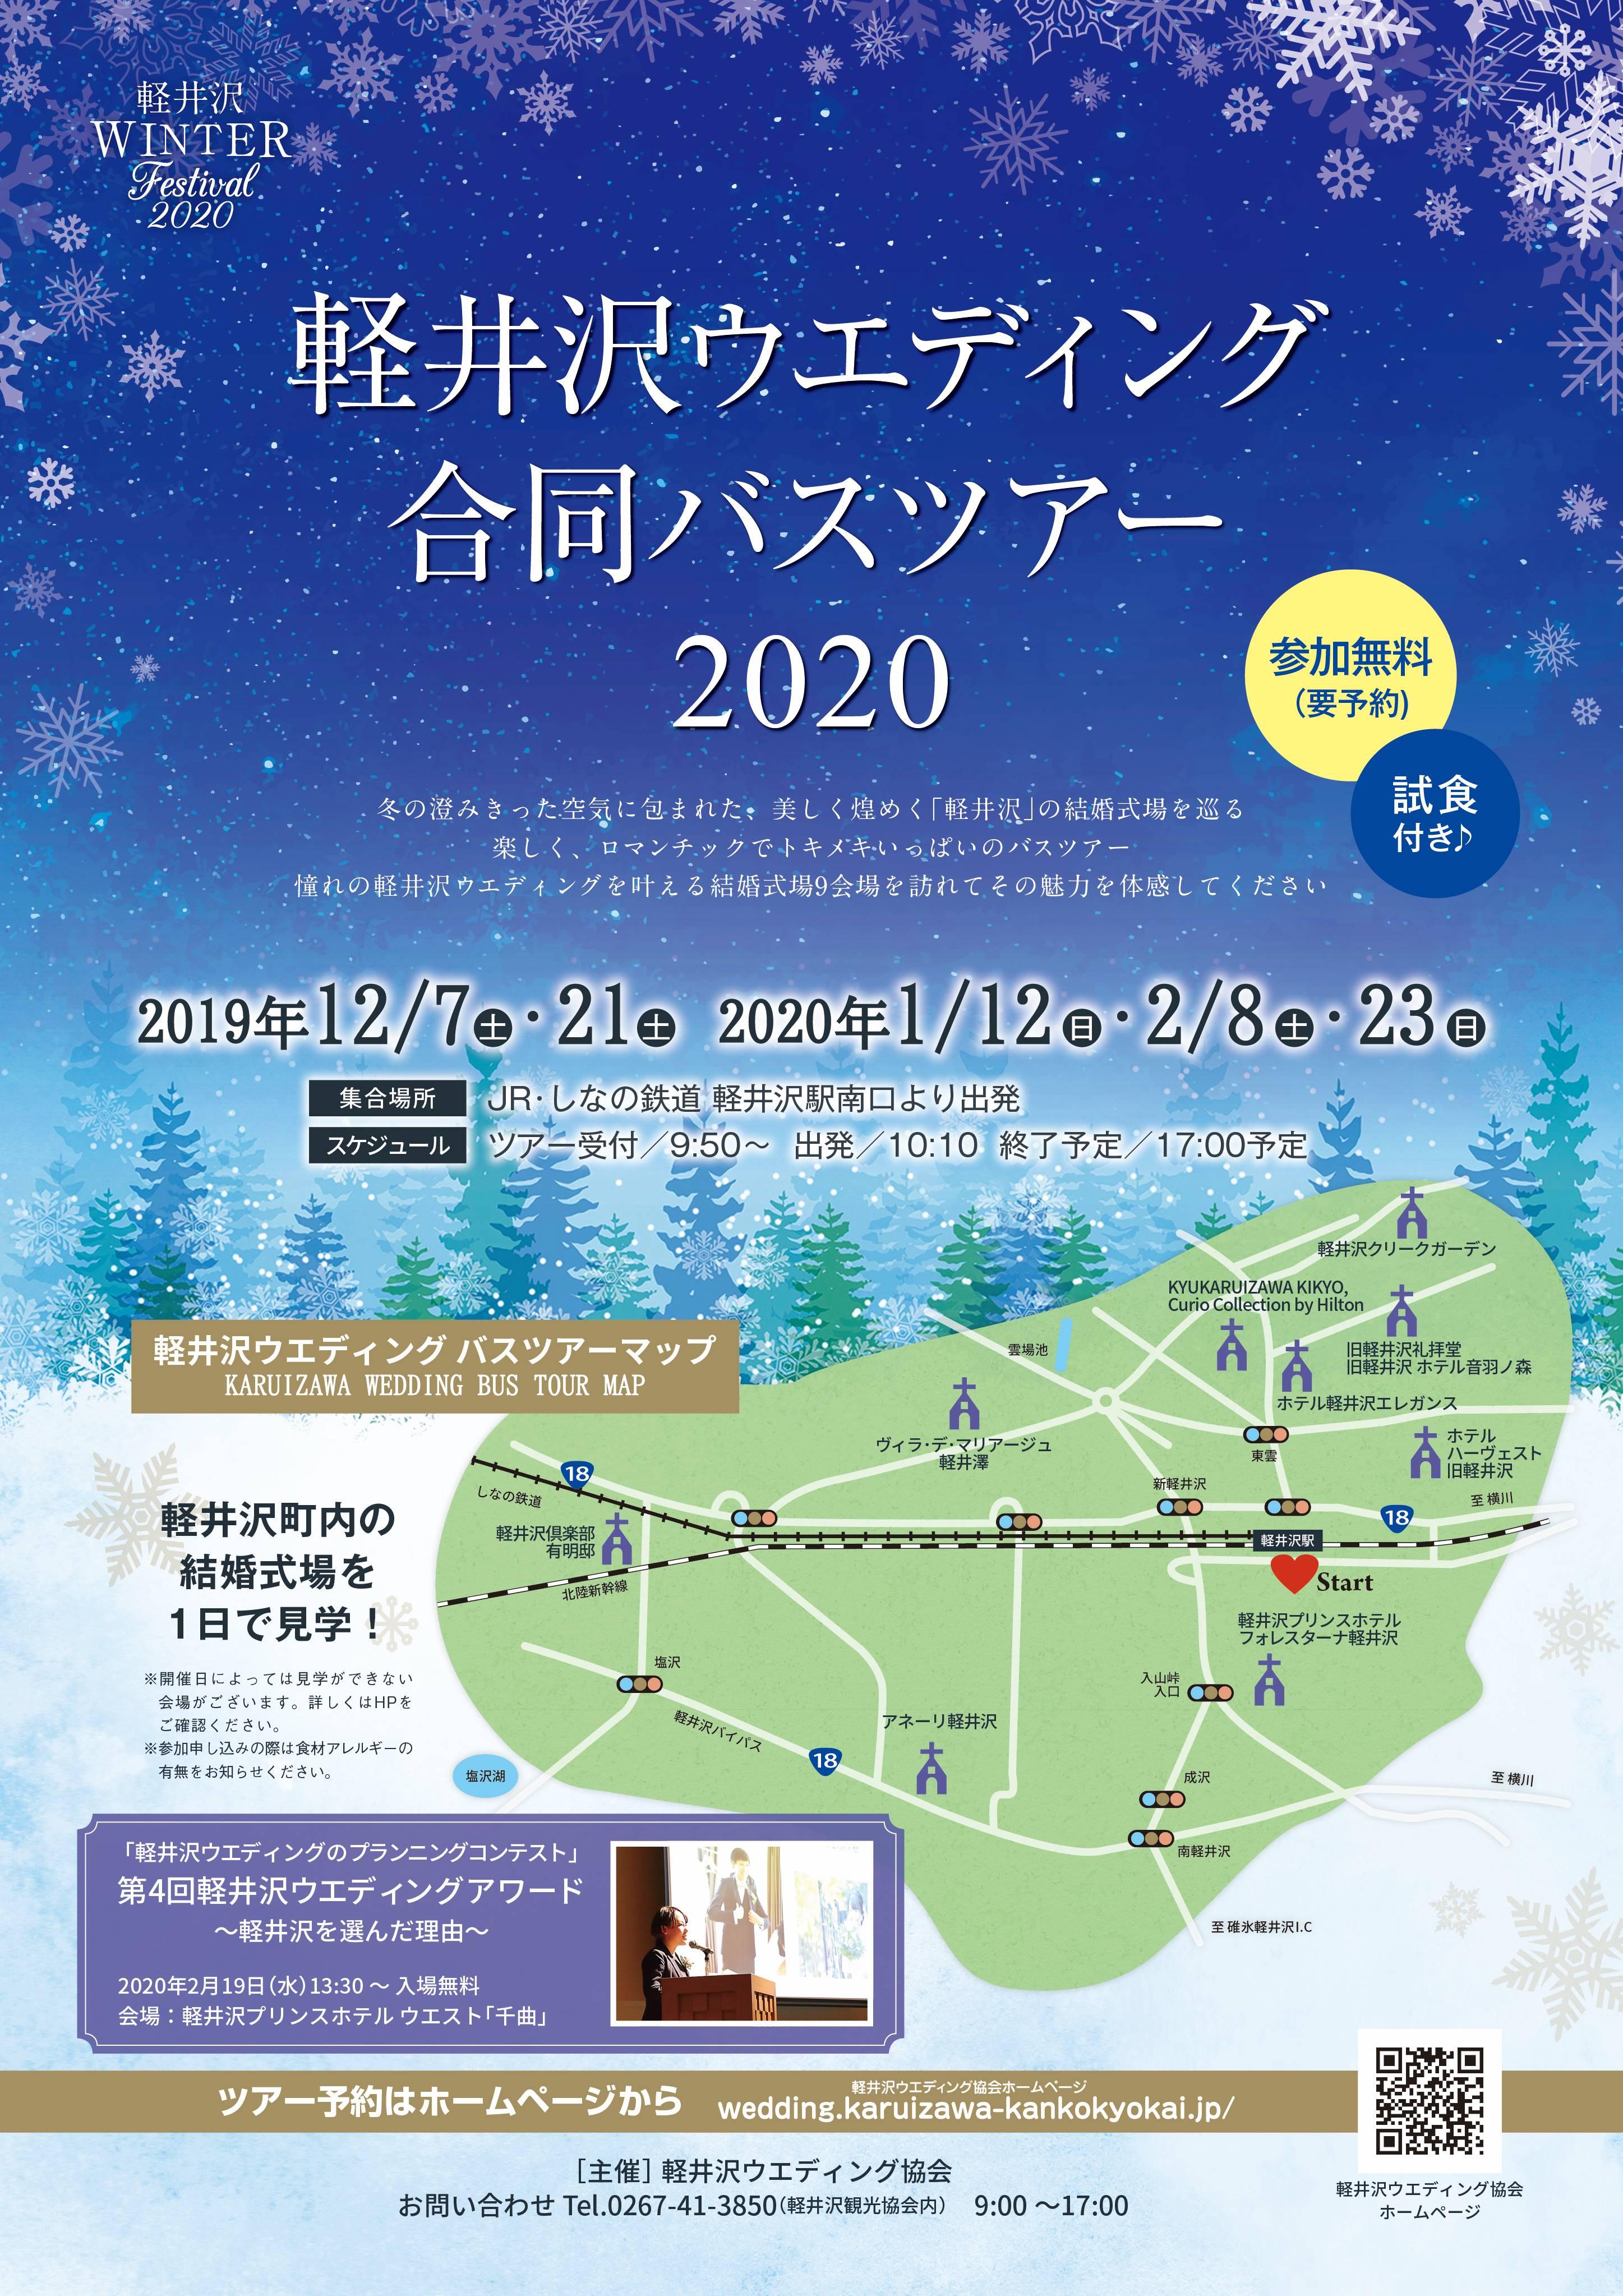 2019.12.7. 軽井沢ウエディング合同バスツアー(軽井沢ウエディング協会 )